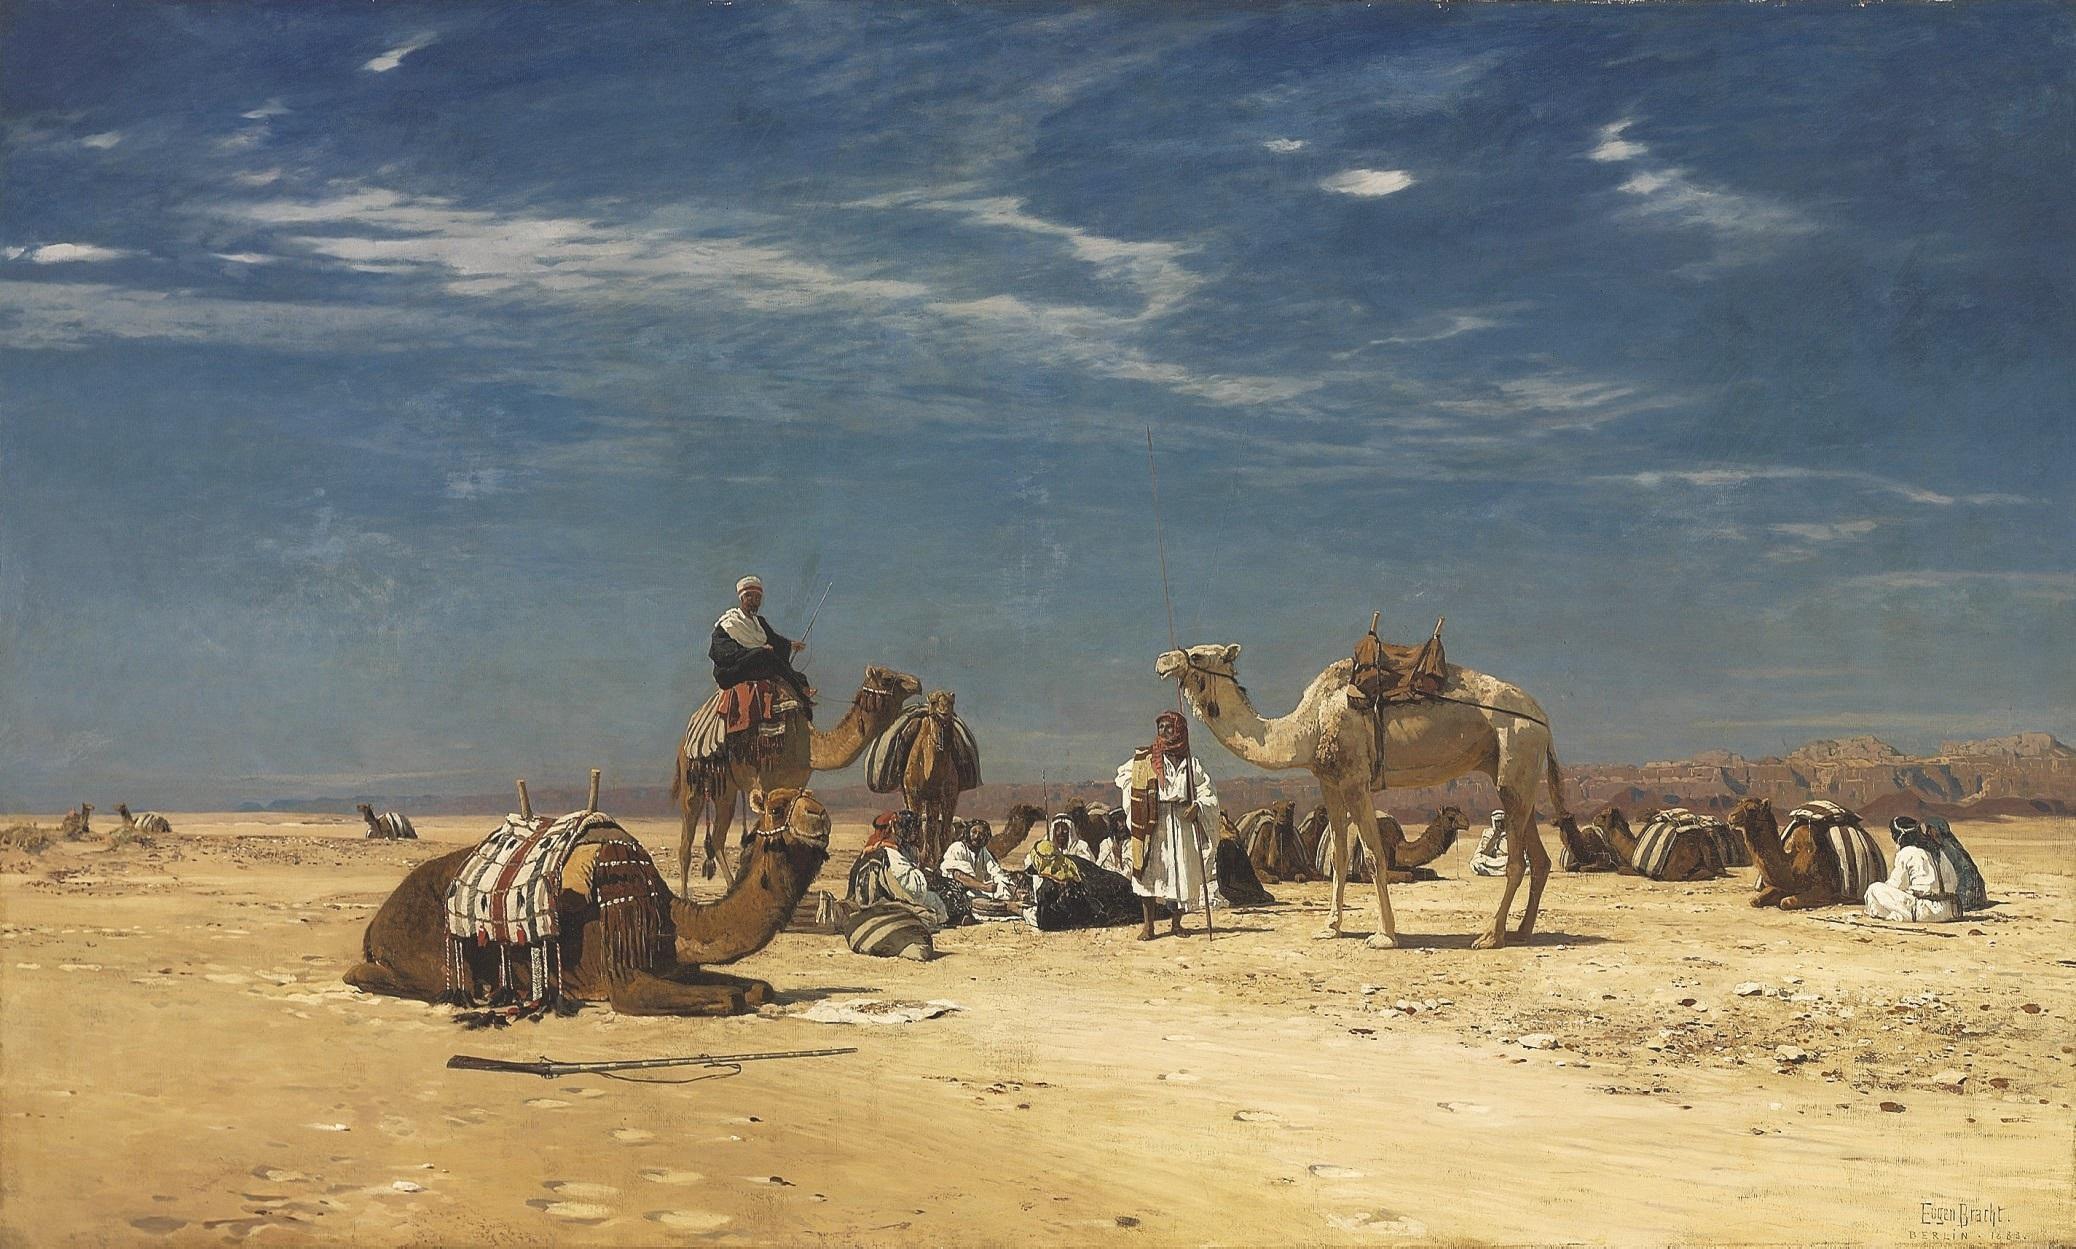 Resting in the Araba - Eugen Bracht, 1883